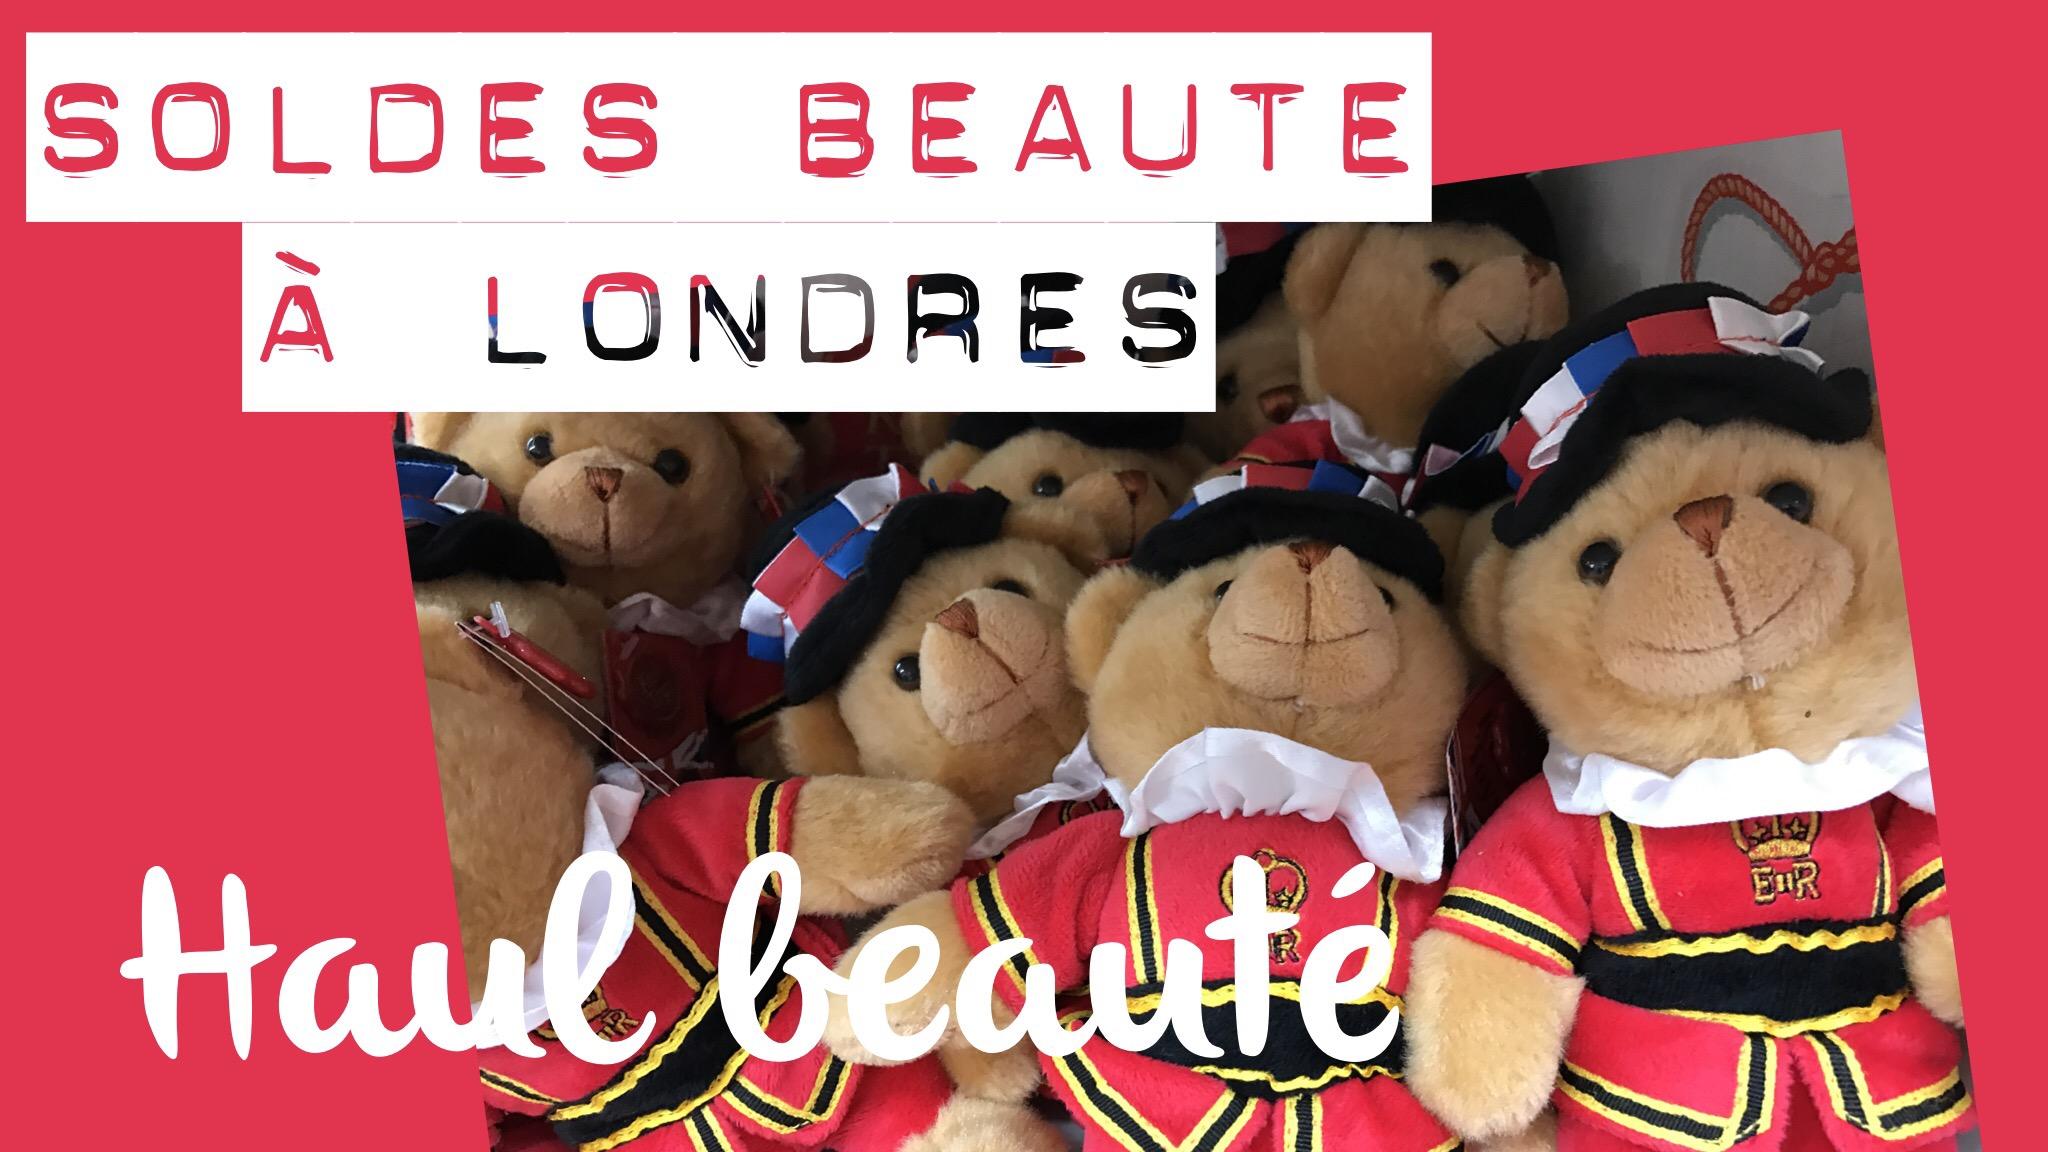 SOLDES: Les soldes beauté à Londres: c'est waouw!!!